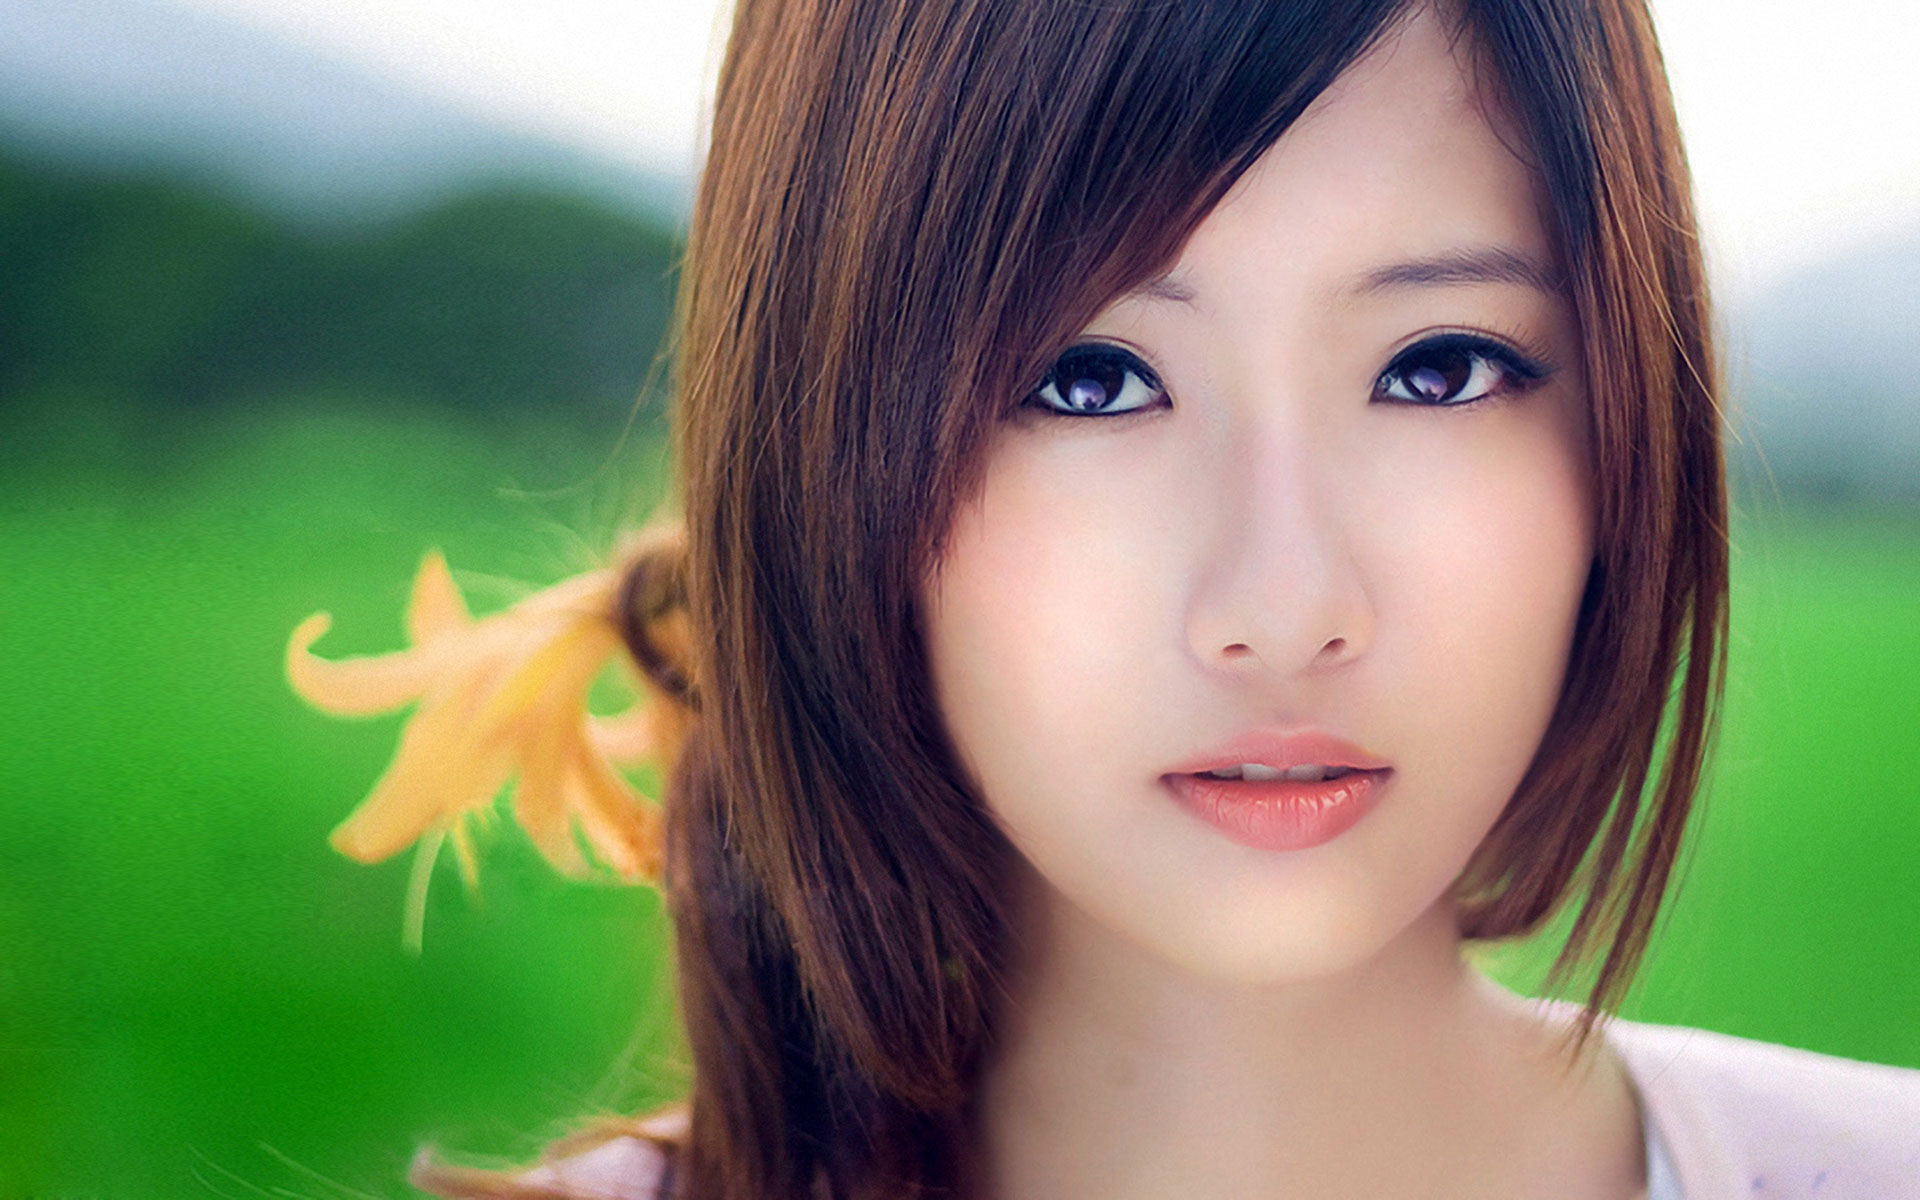 Description: Cute Girl HD Wallpaper is a hi res Wallpaper for pc